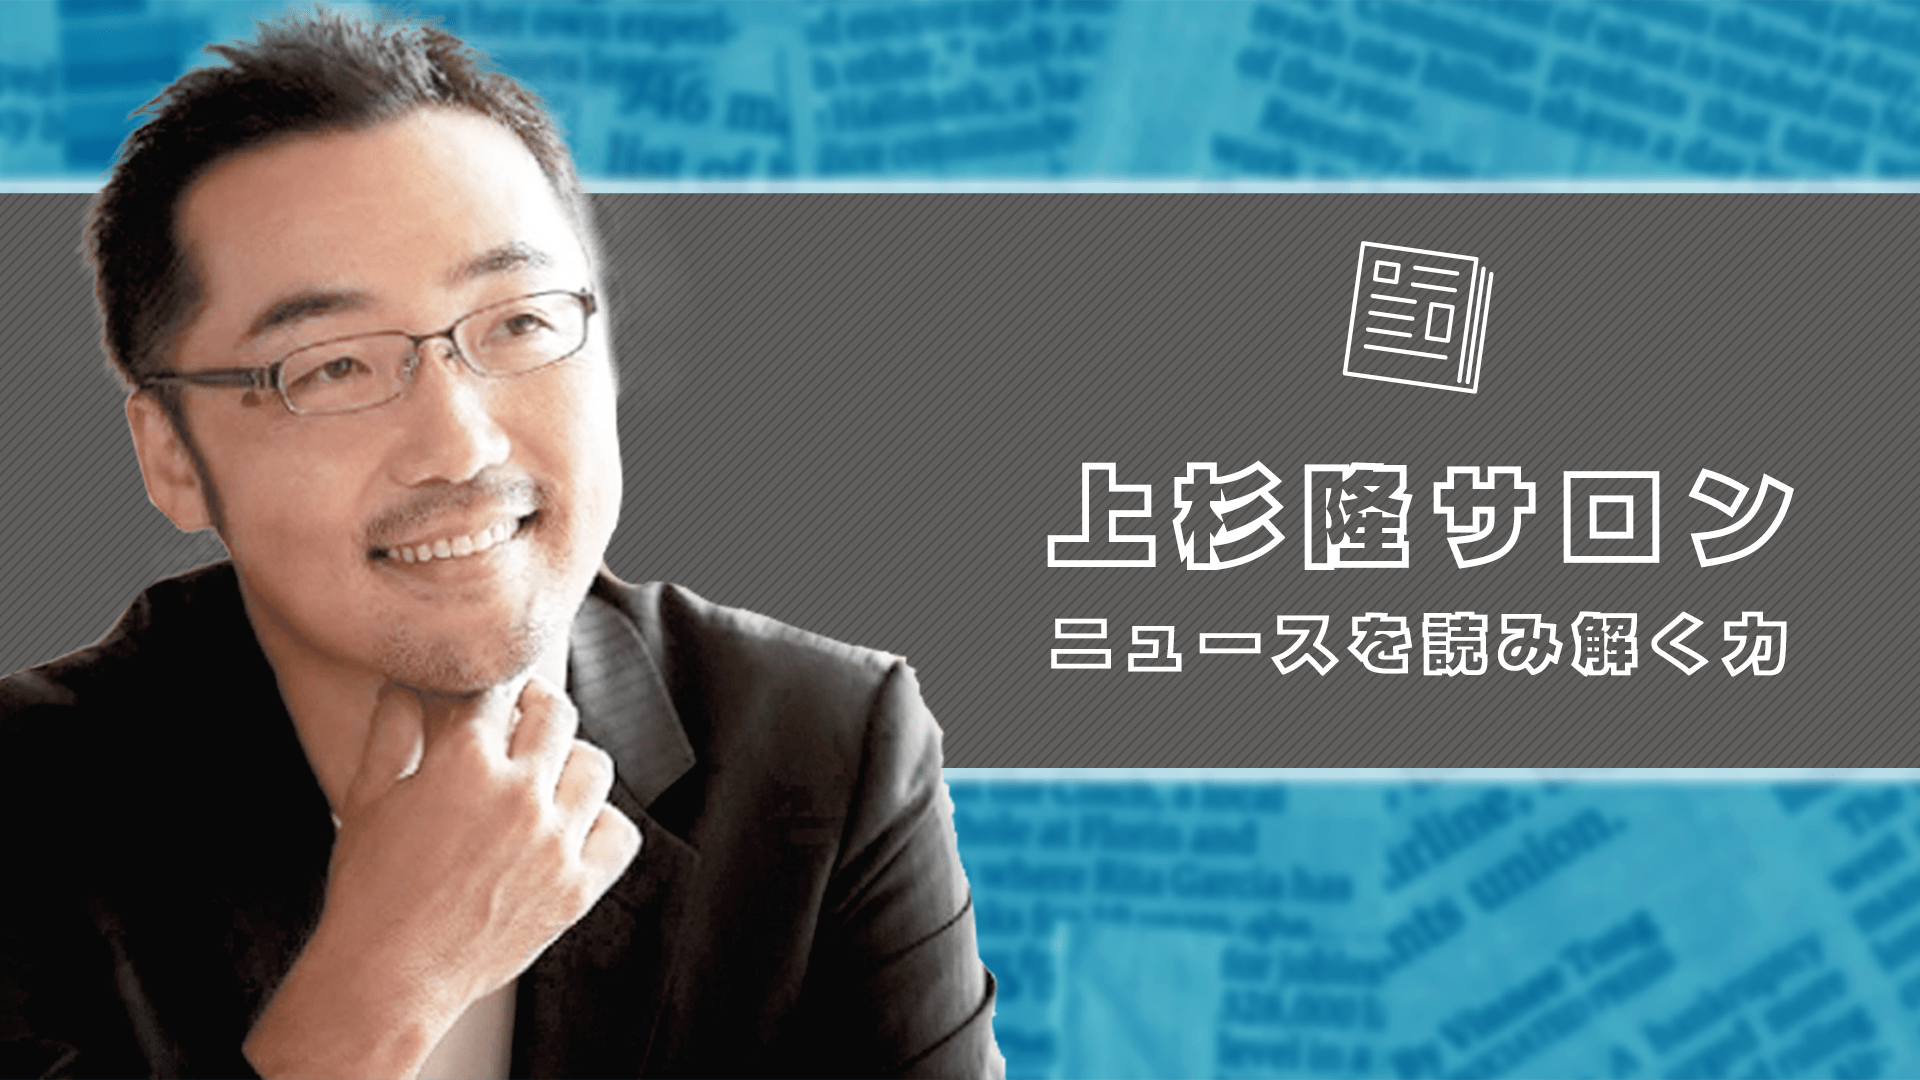 上杉隆サロン「ニュースを読み解く力」